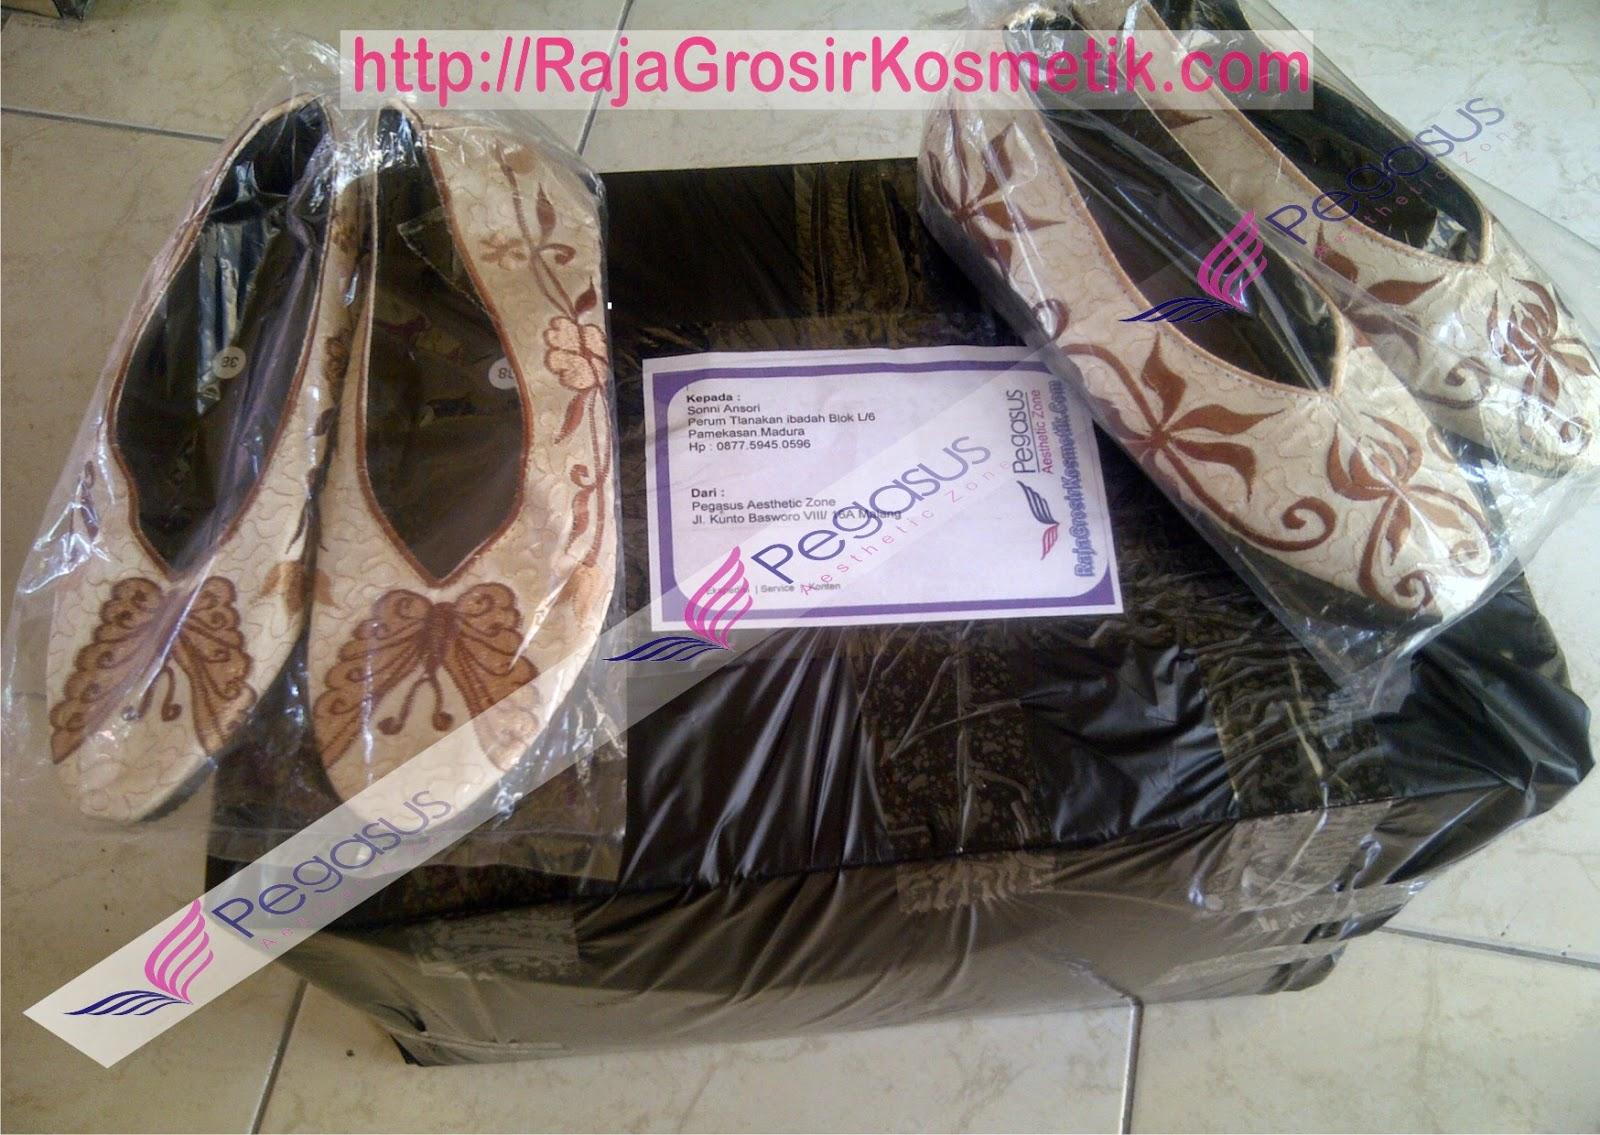 Distributor Sepatu Murah, Sepatu Wanita 2014, Agen Supplier Sepatu, Sepatu Flat Shoes, Sepatu Flat, Supplier Sepatu Online, http://www.distributorsepatumurah.com/